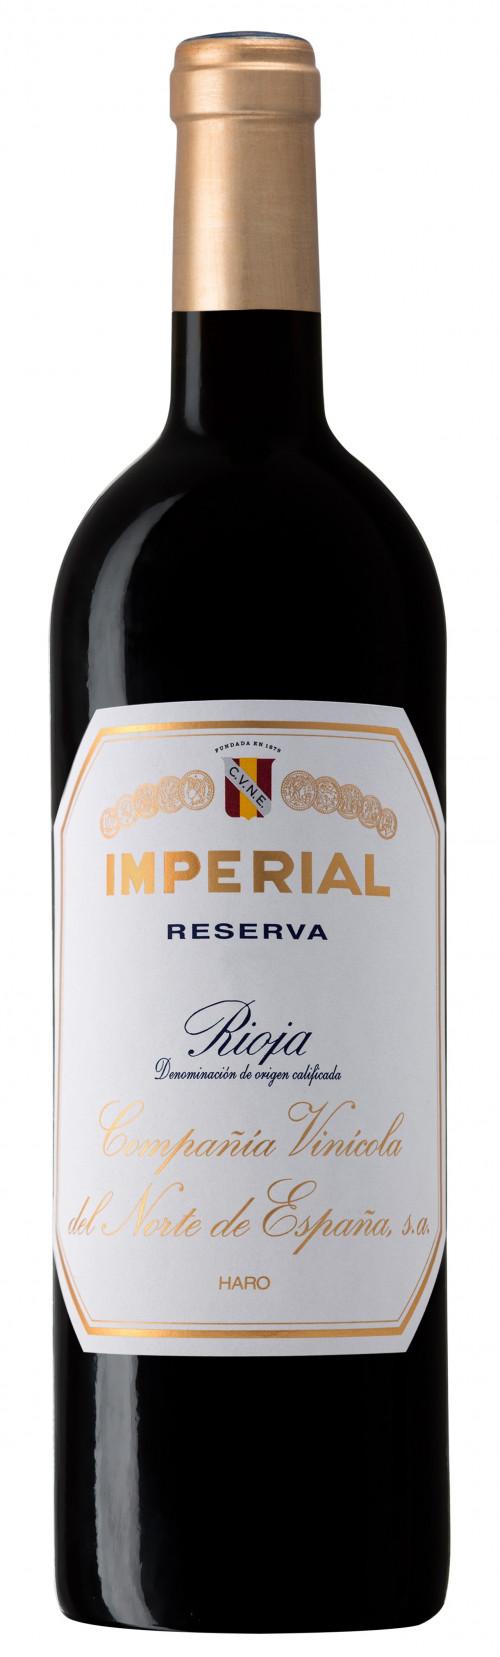 2015 Cune (Cvne) Imperial Reserva Rioja 750ml